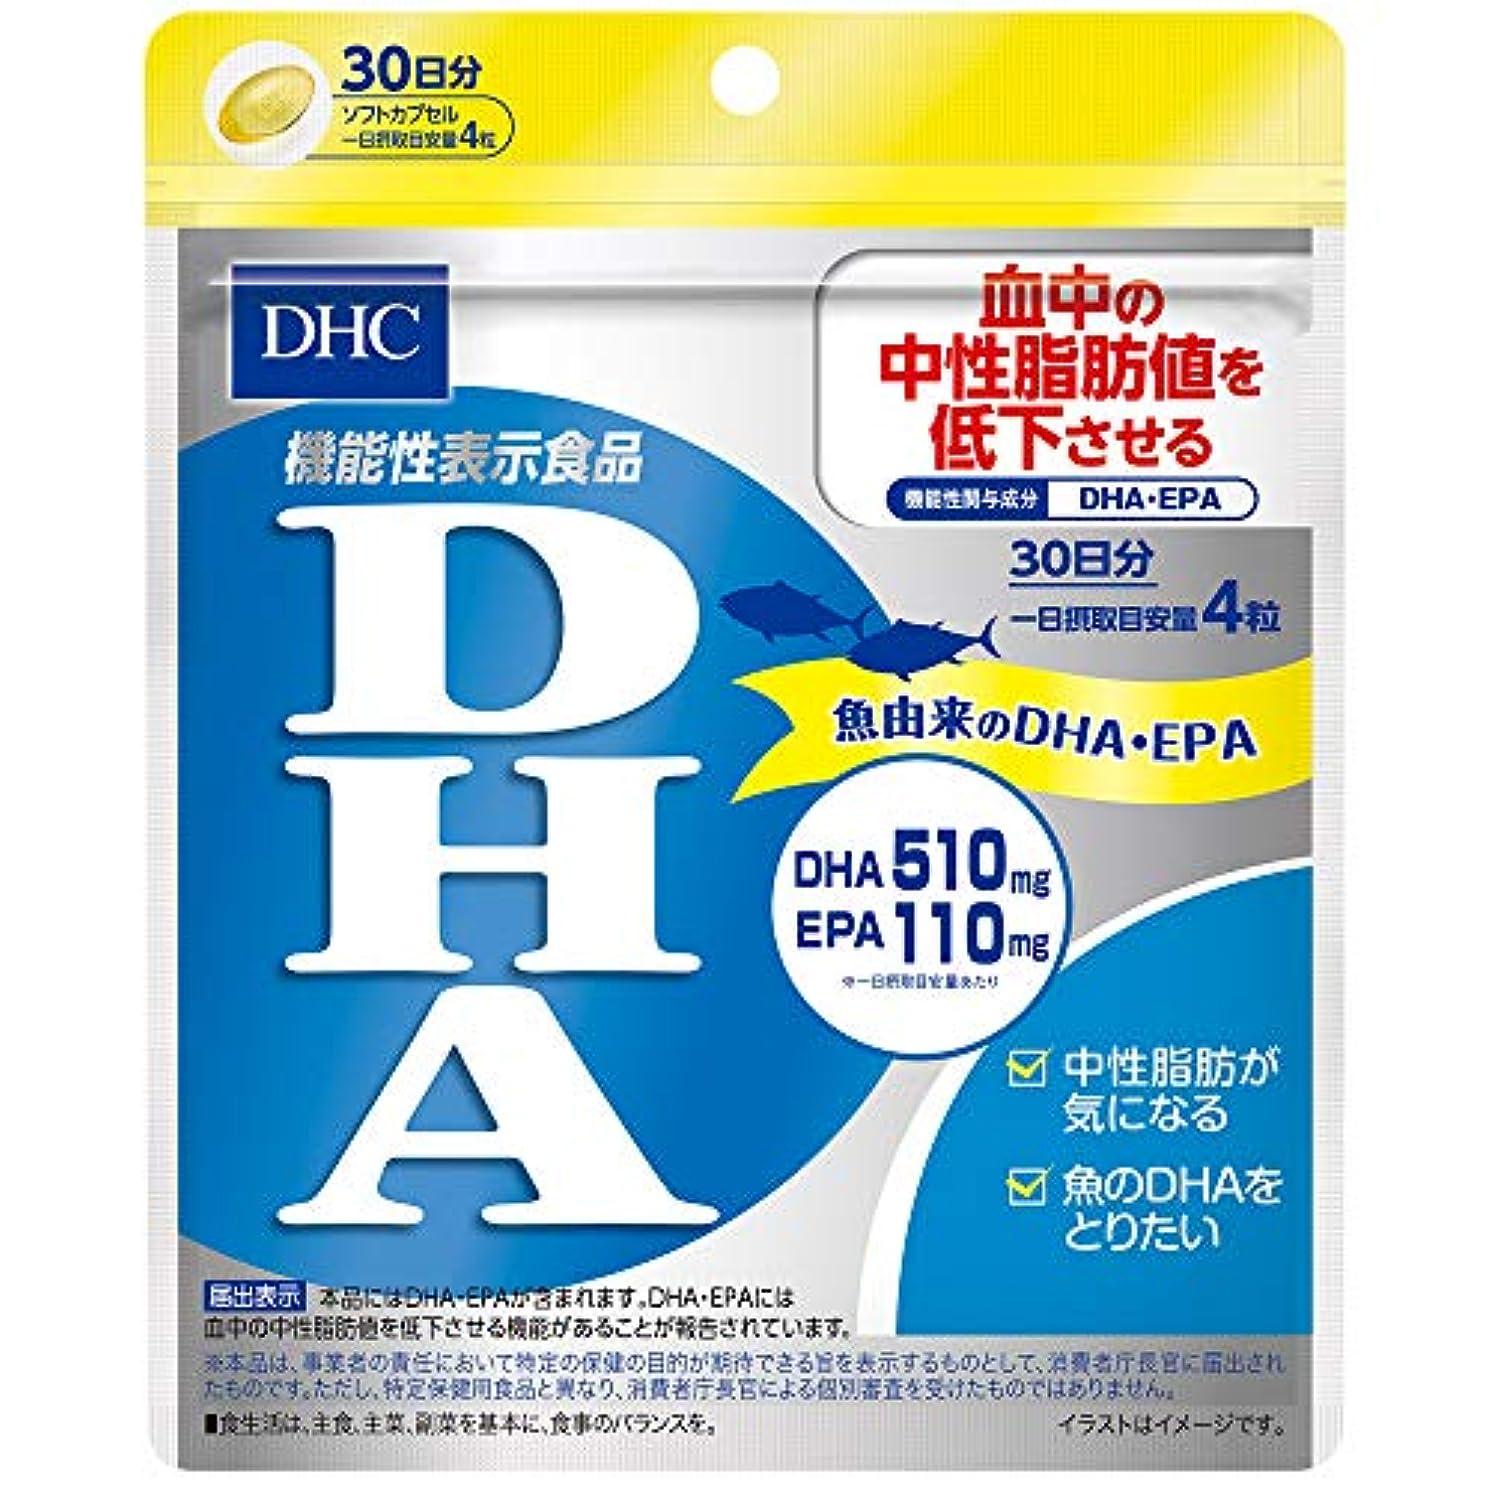 例示する遠足コーヒーDHC DHA 30日分 [機能性表示食品]